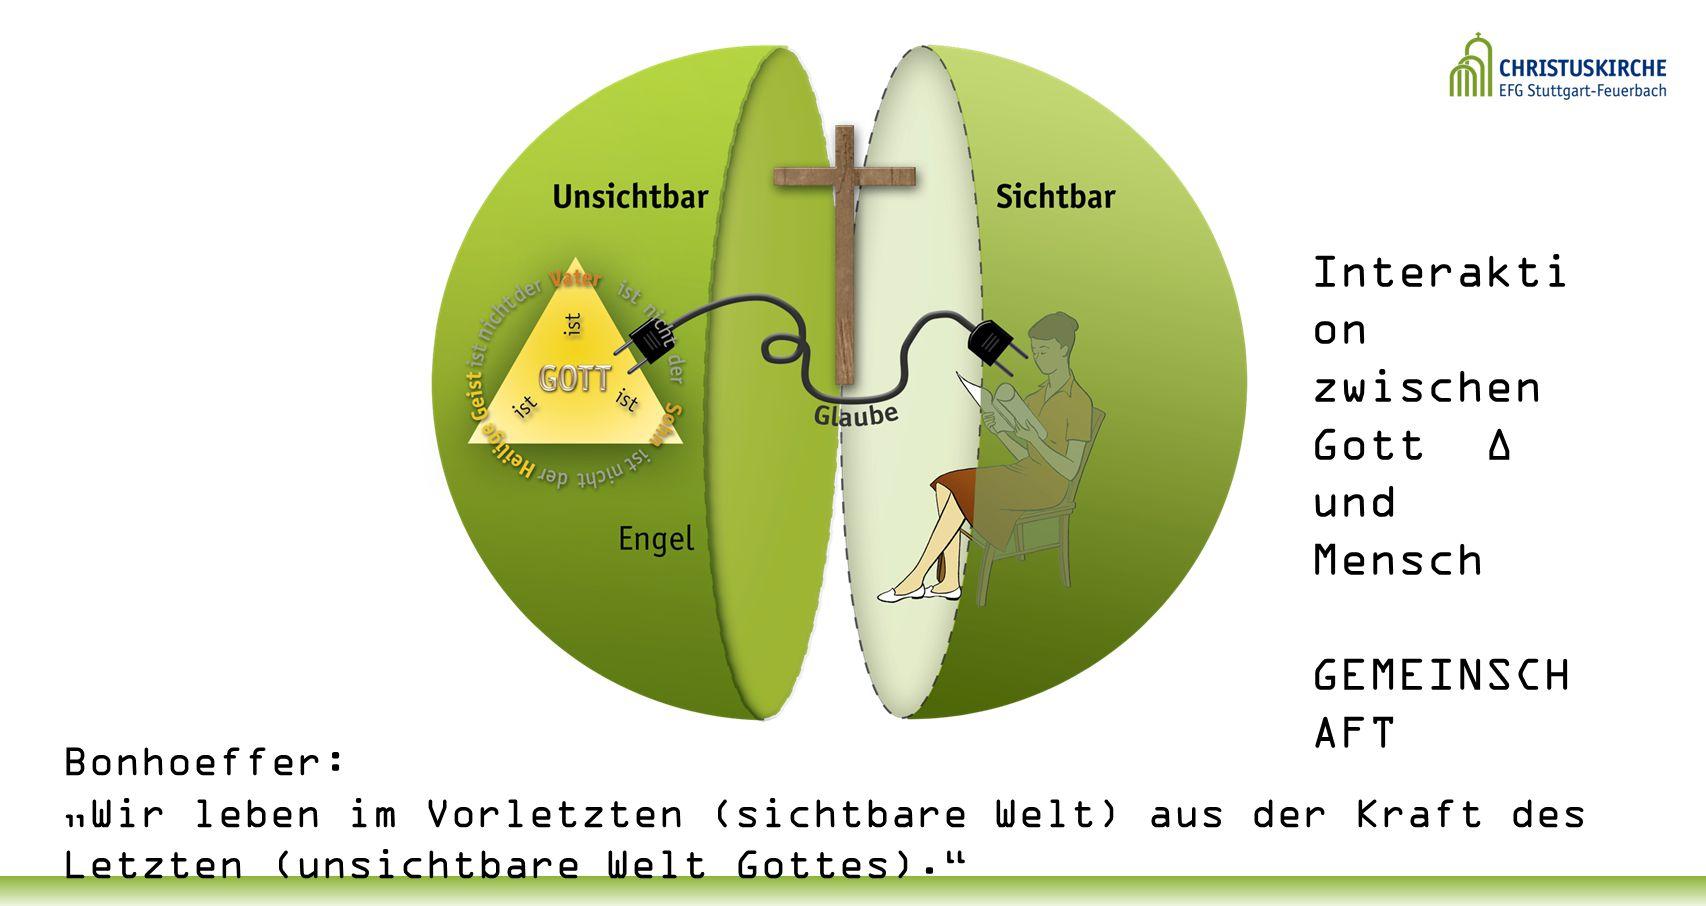 """Interakti on zwischen Gott ∆ und Mensch GEMEINSCH AFT Bonhoeffer: """"Wir leben im Vorletzten (sichtbare Welt) aus der Kraft des Letzten (unsichtbare Wel"""